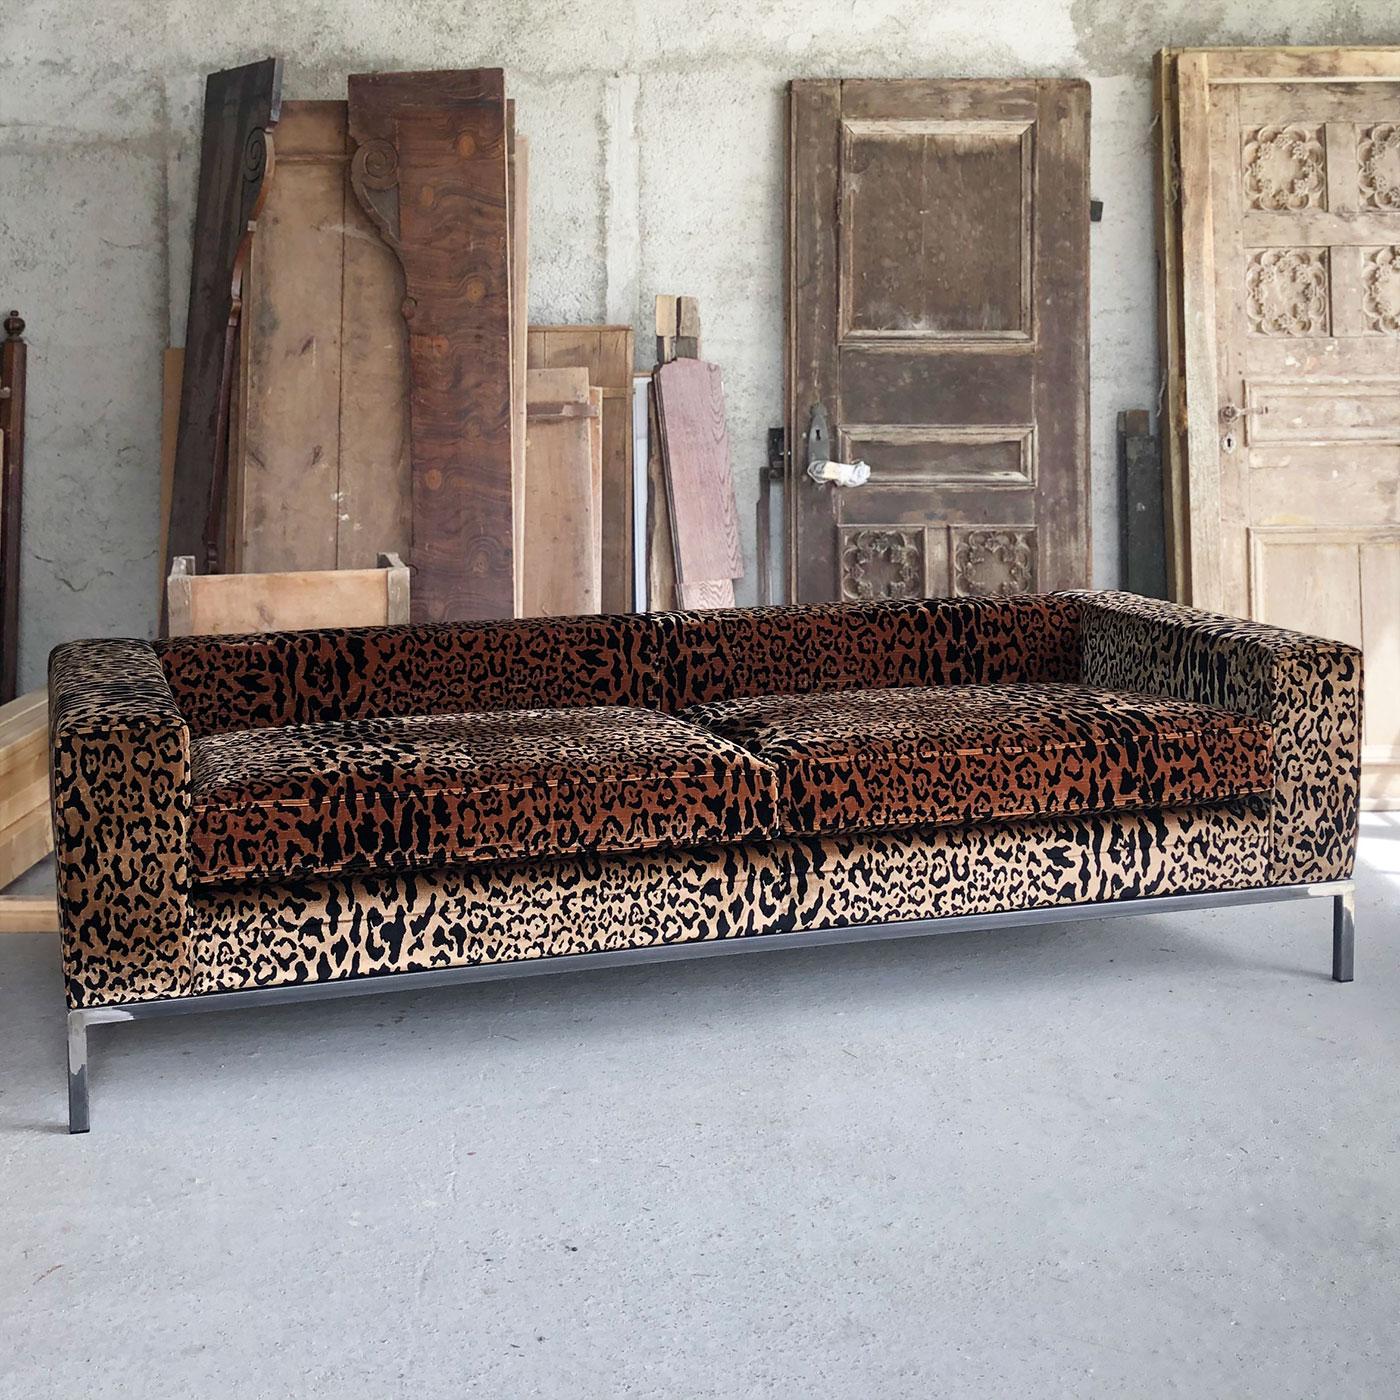 Sofa Animal Print